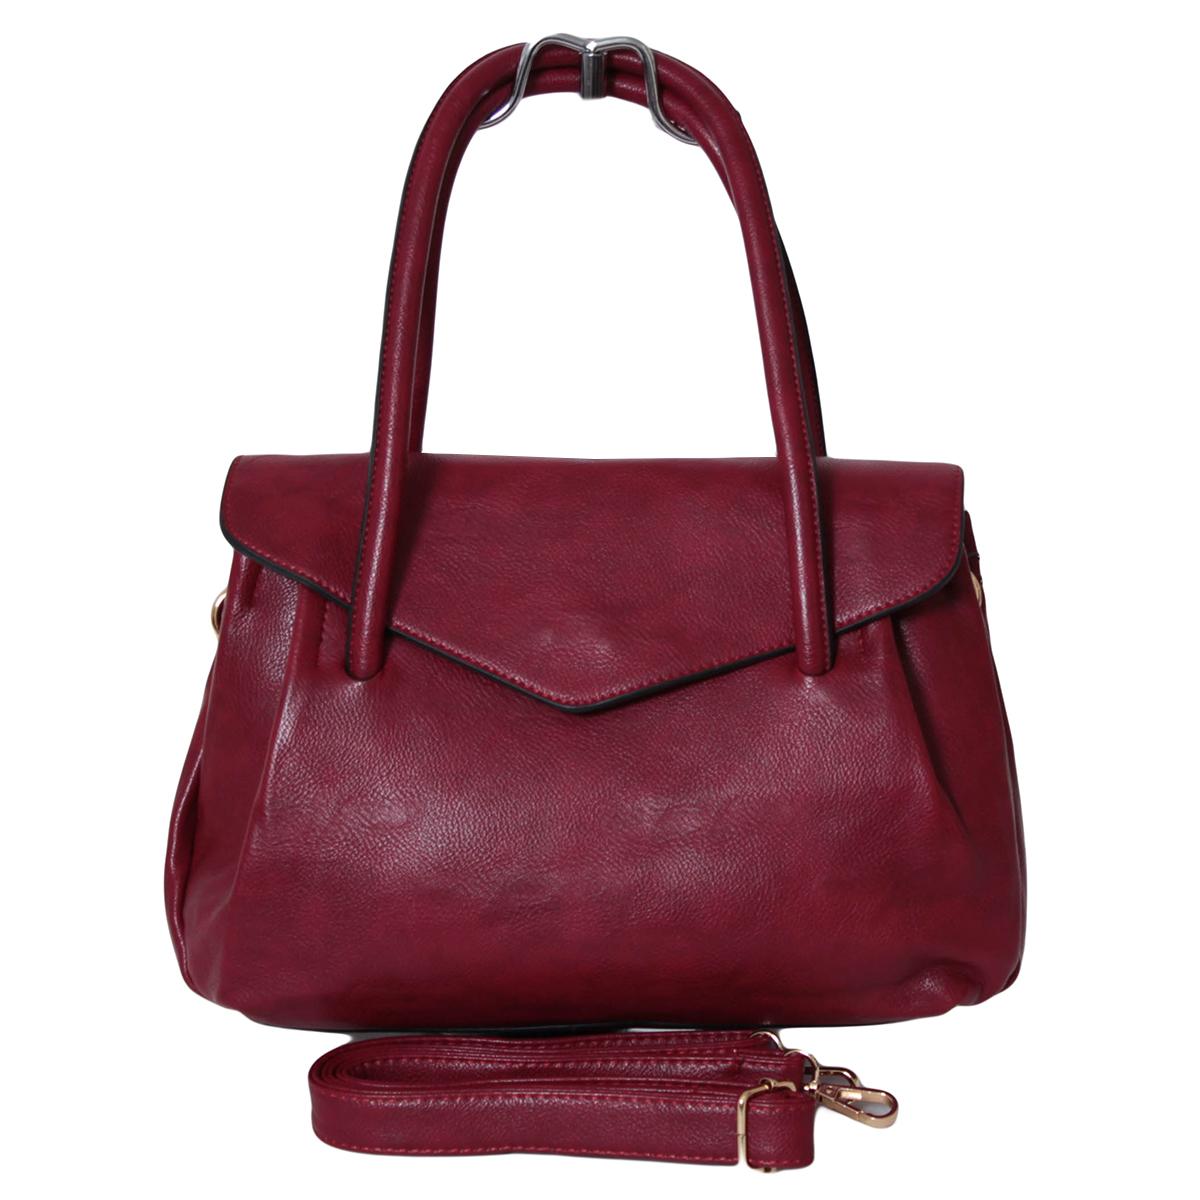 Сумка женская Flioraj, цвет: красный. 0005291500052915Закрывается на декоративный клапан. Внутри три отделения, один карман на молнии. Высота ручек 19 см. В комплекте длинный ремень.